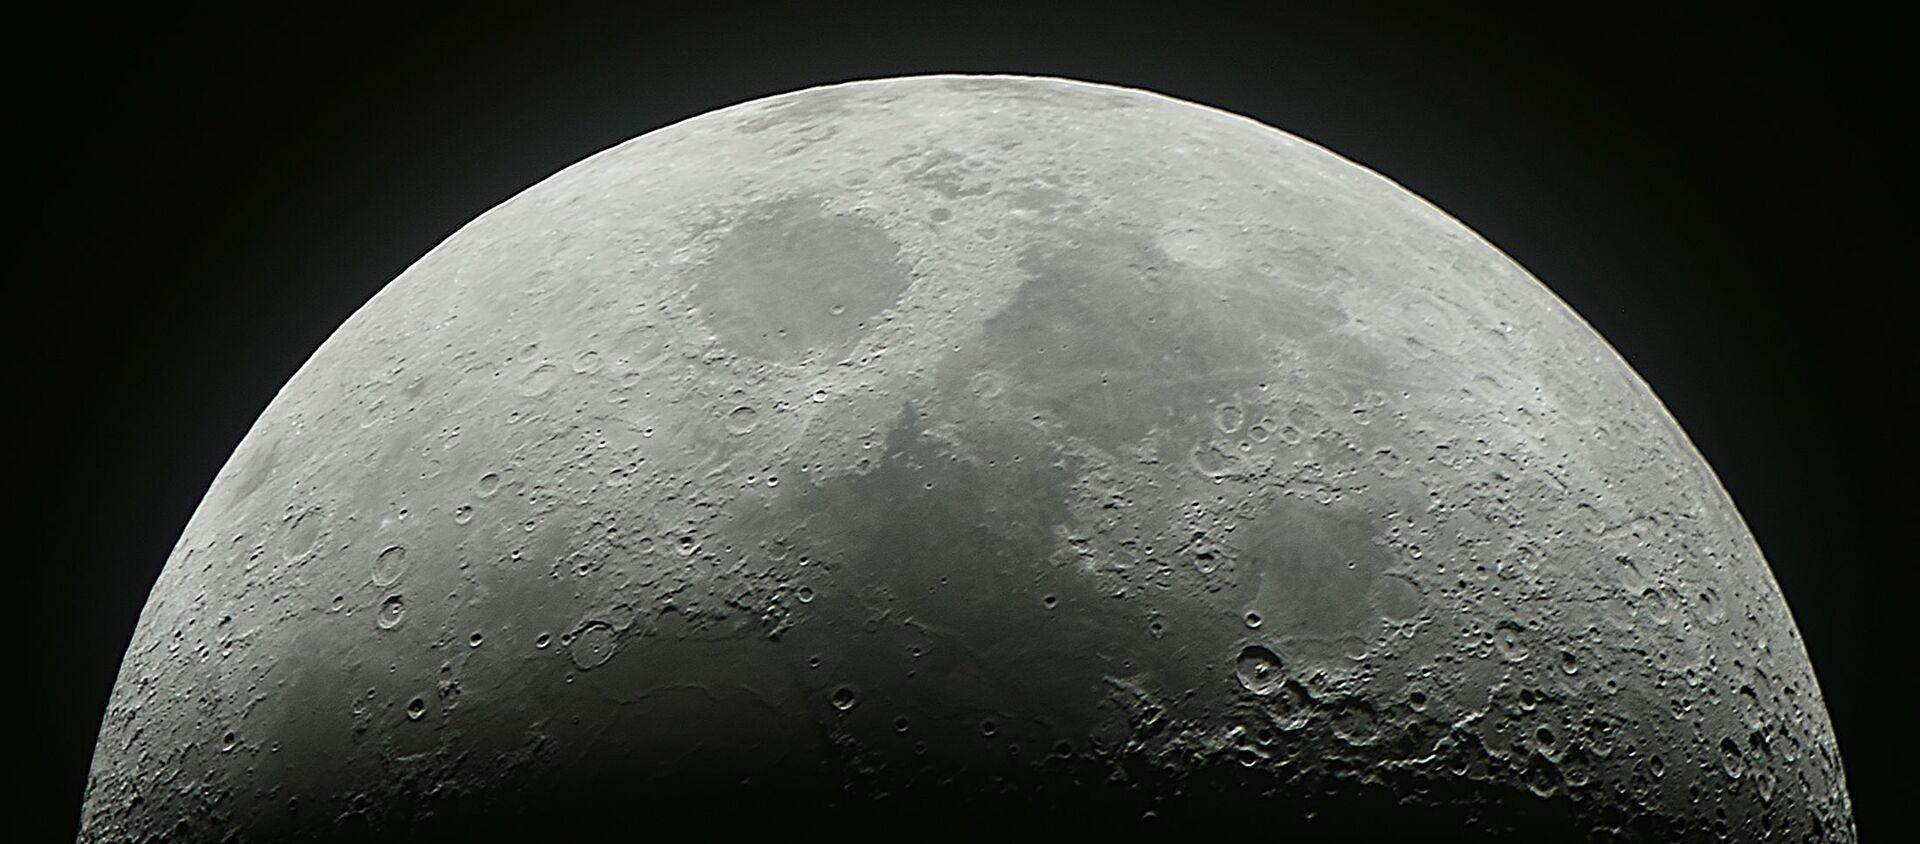 Księżyc - Sputnik Polska, 1920, 28.04.2021